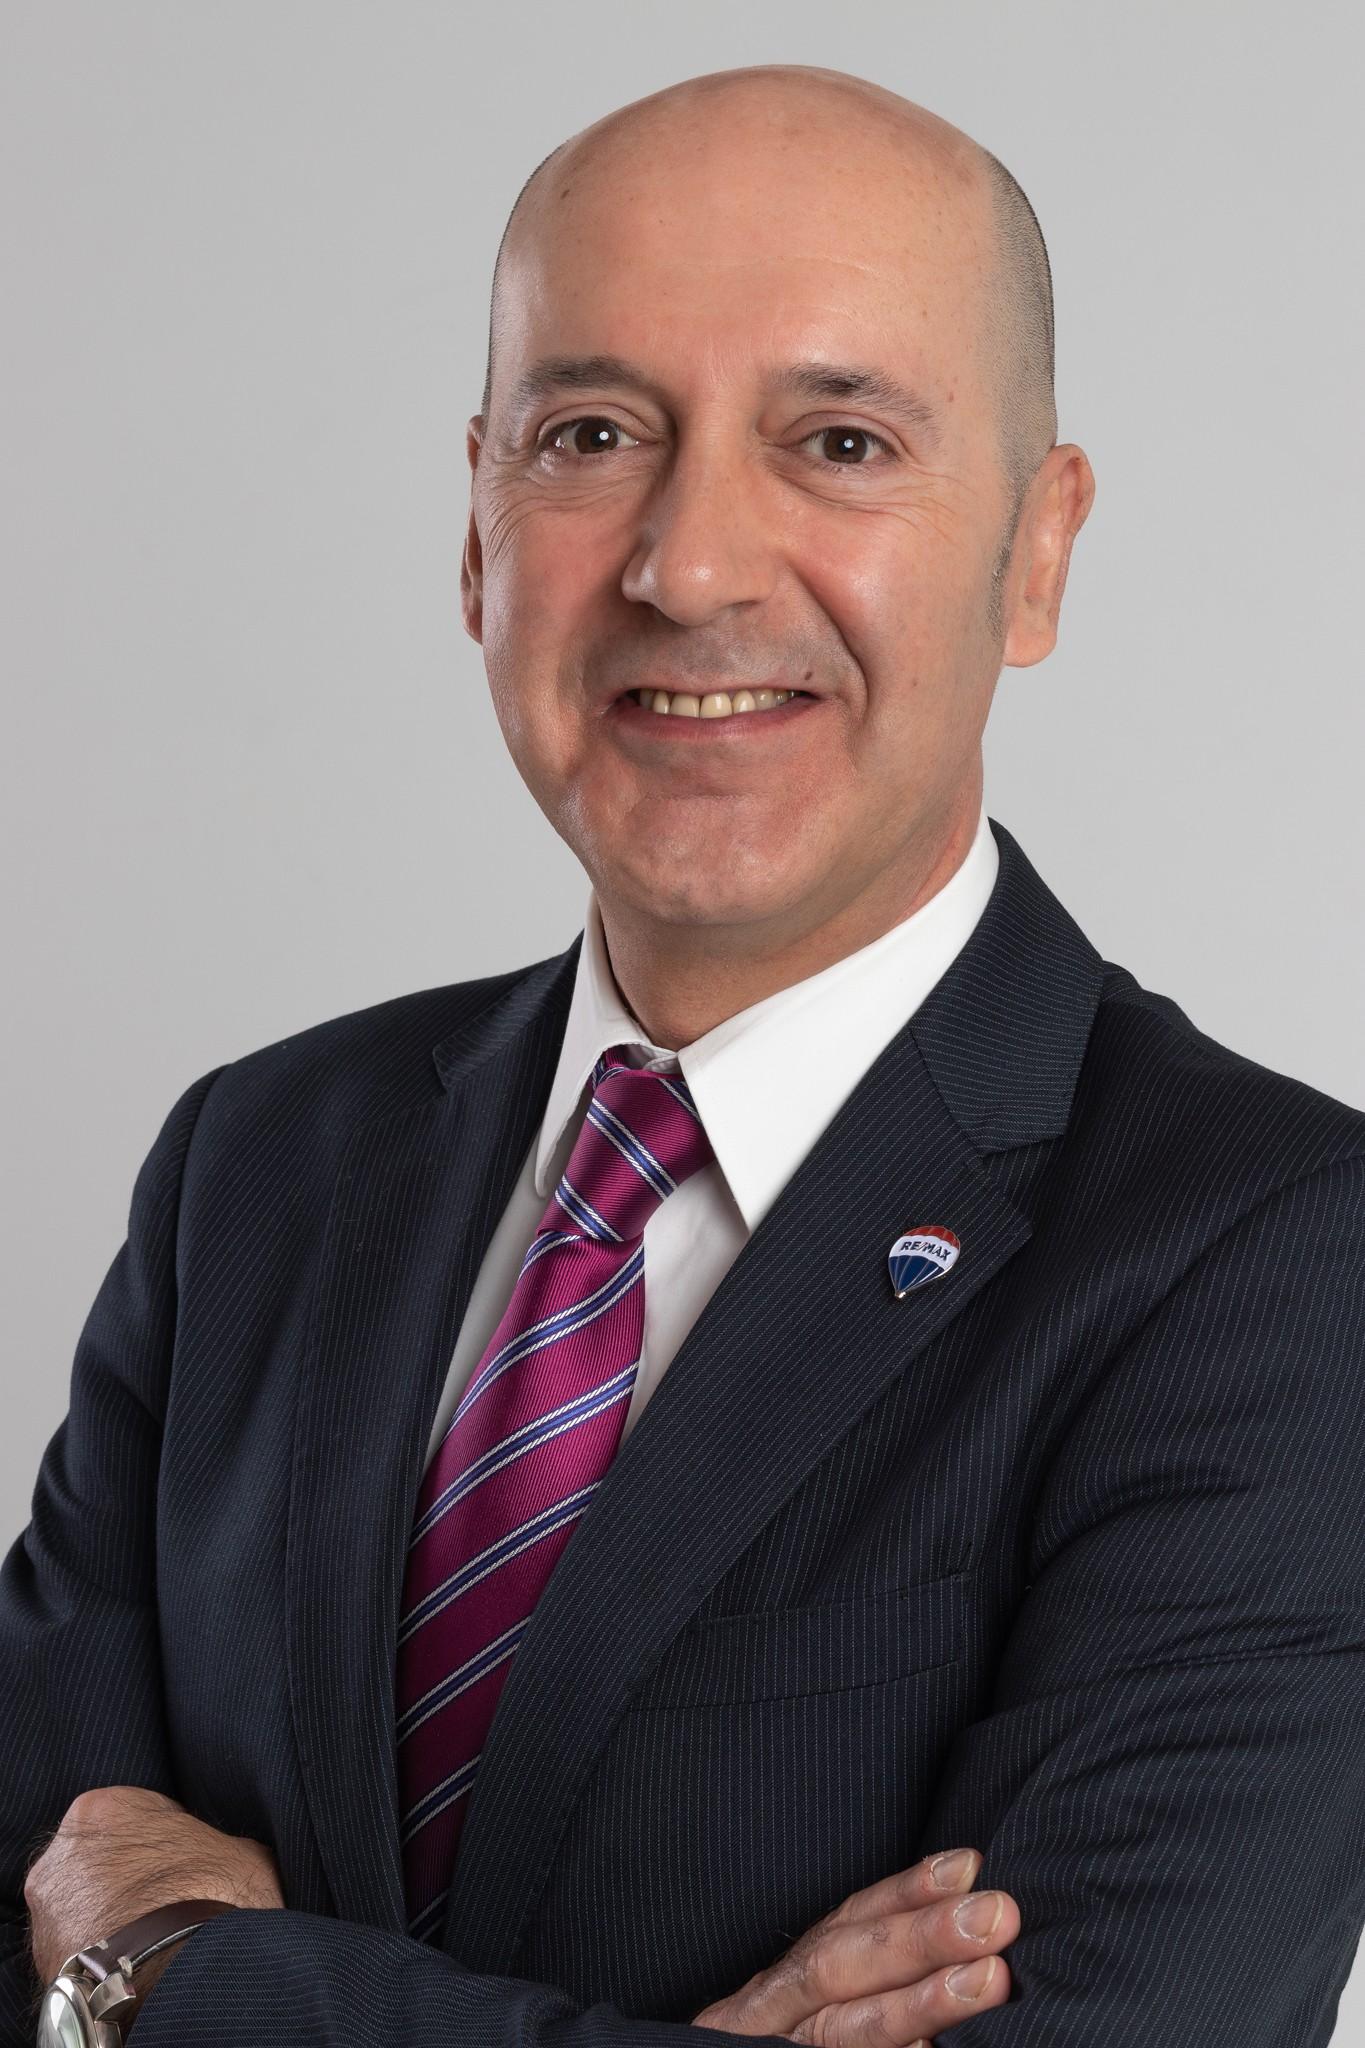 Jesús Maldonado Burdalo